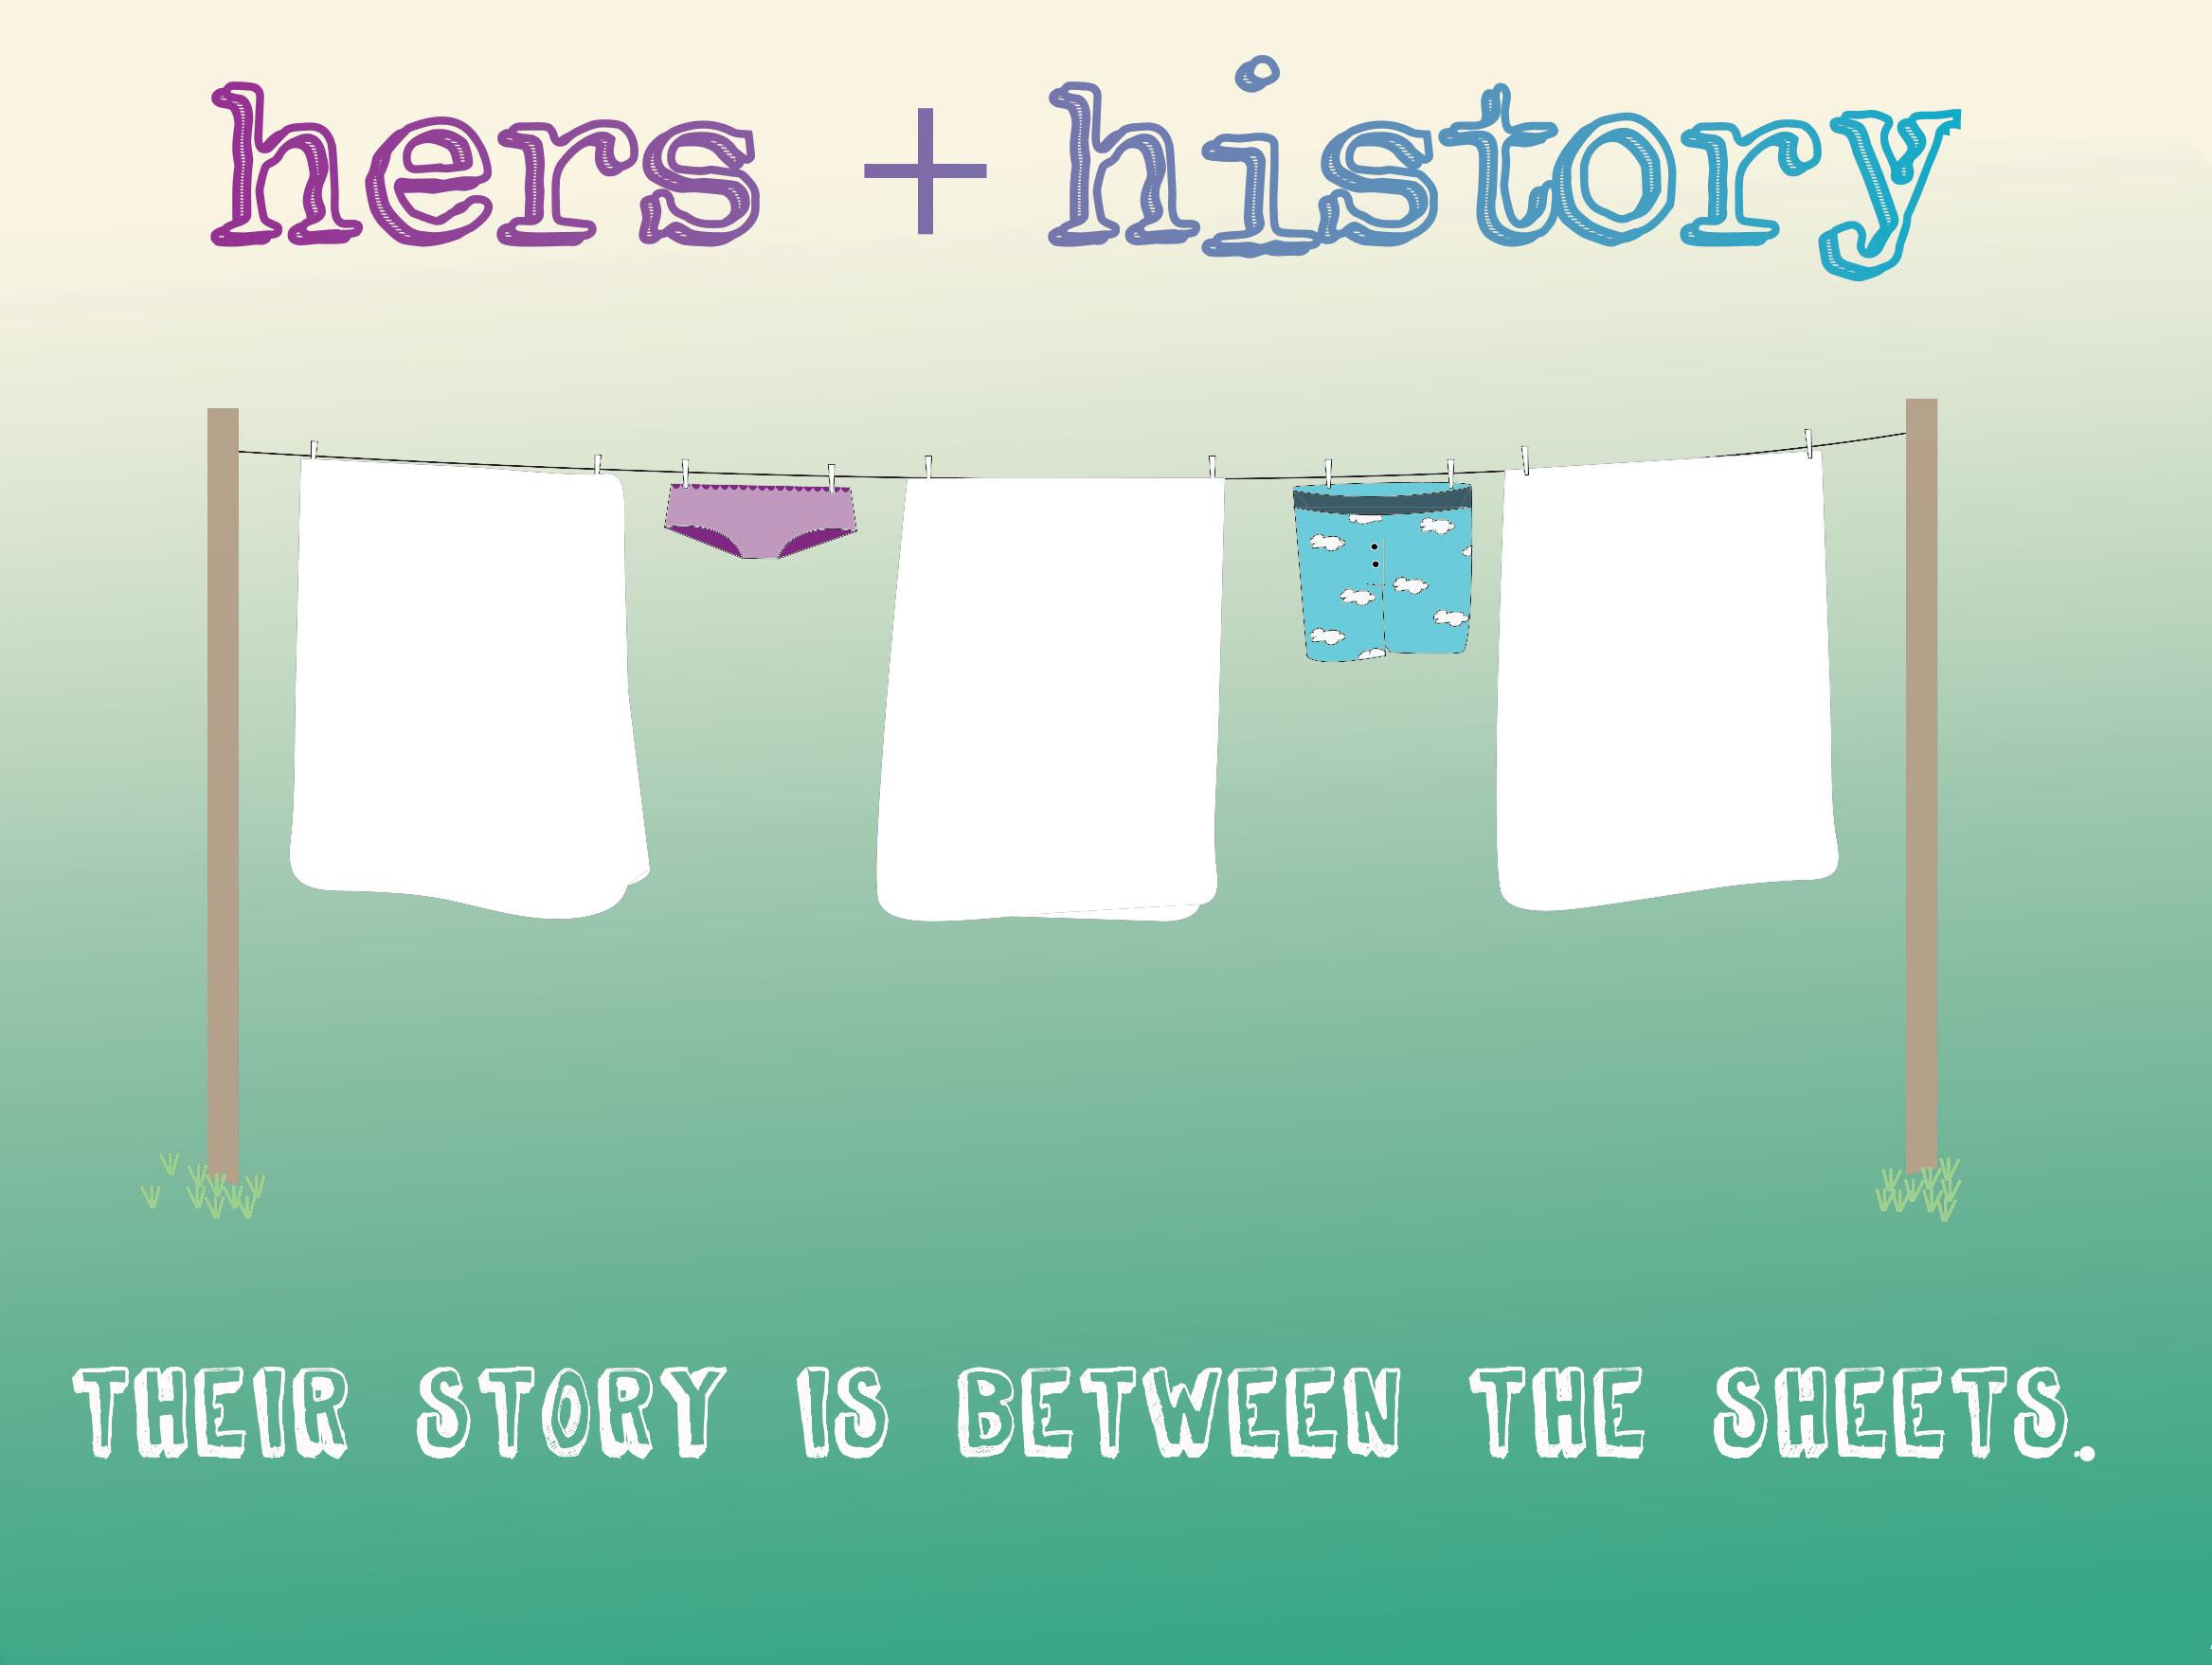 Hers&HistoryPoster2.jpg